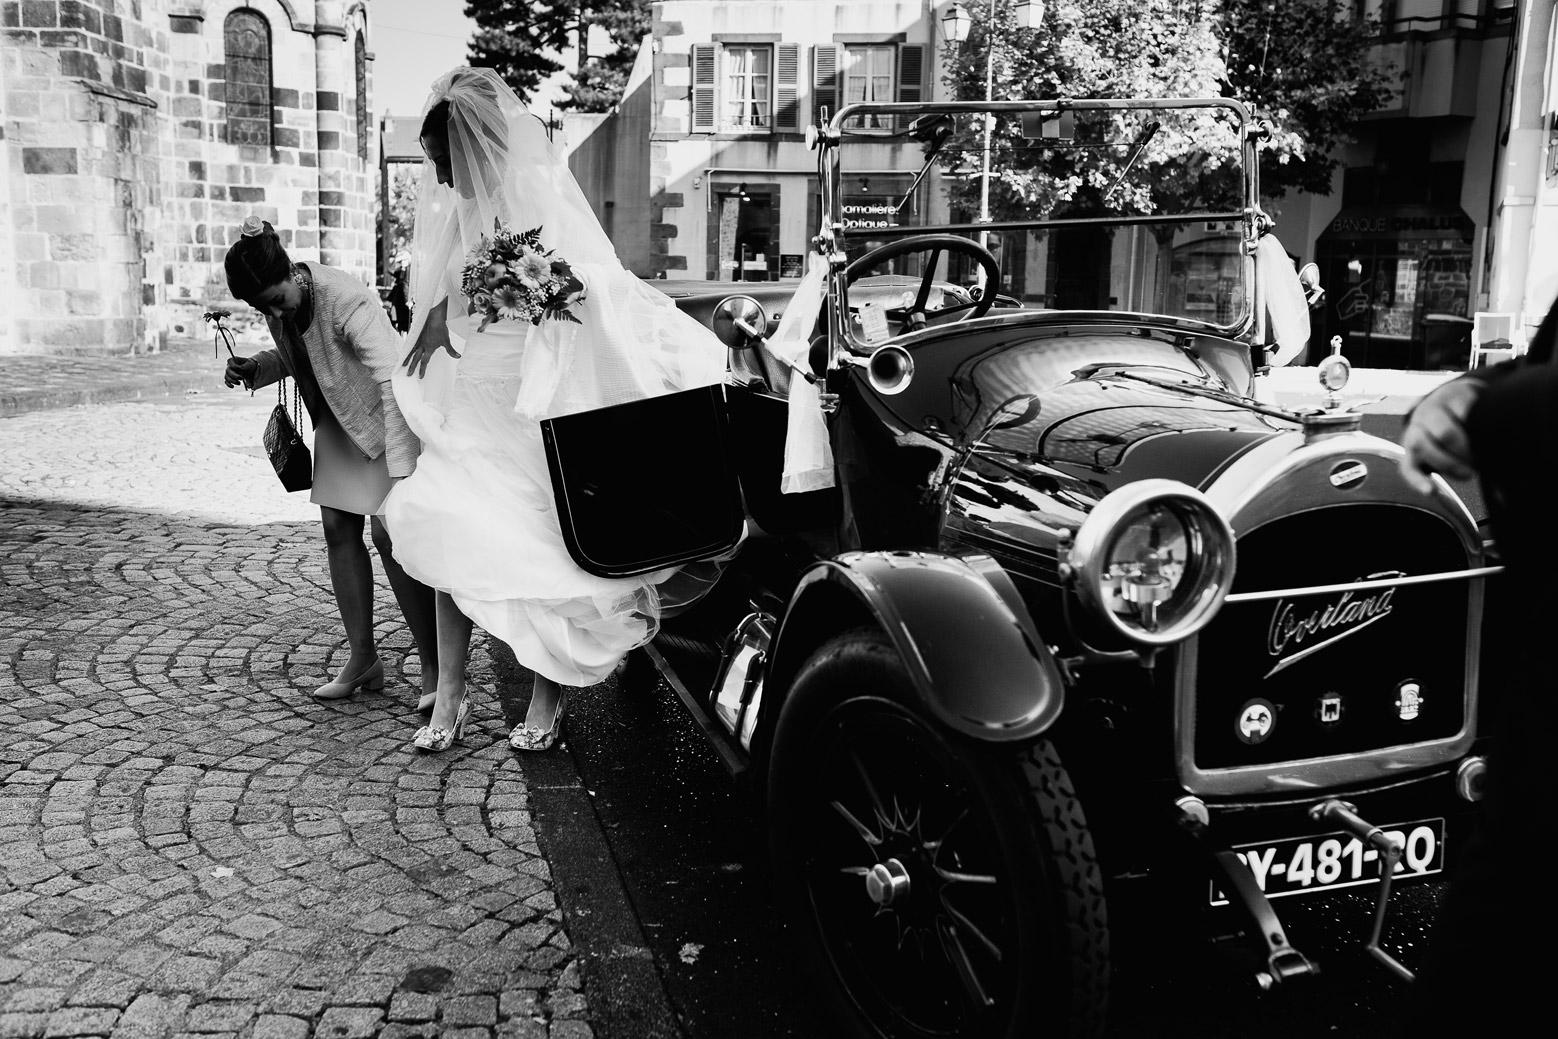 Hotel Royal Saint Mart Royat Clermont Ferrand Descente de voiture de la mariée